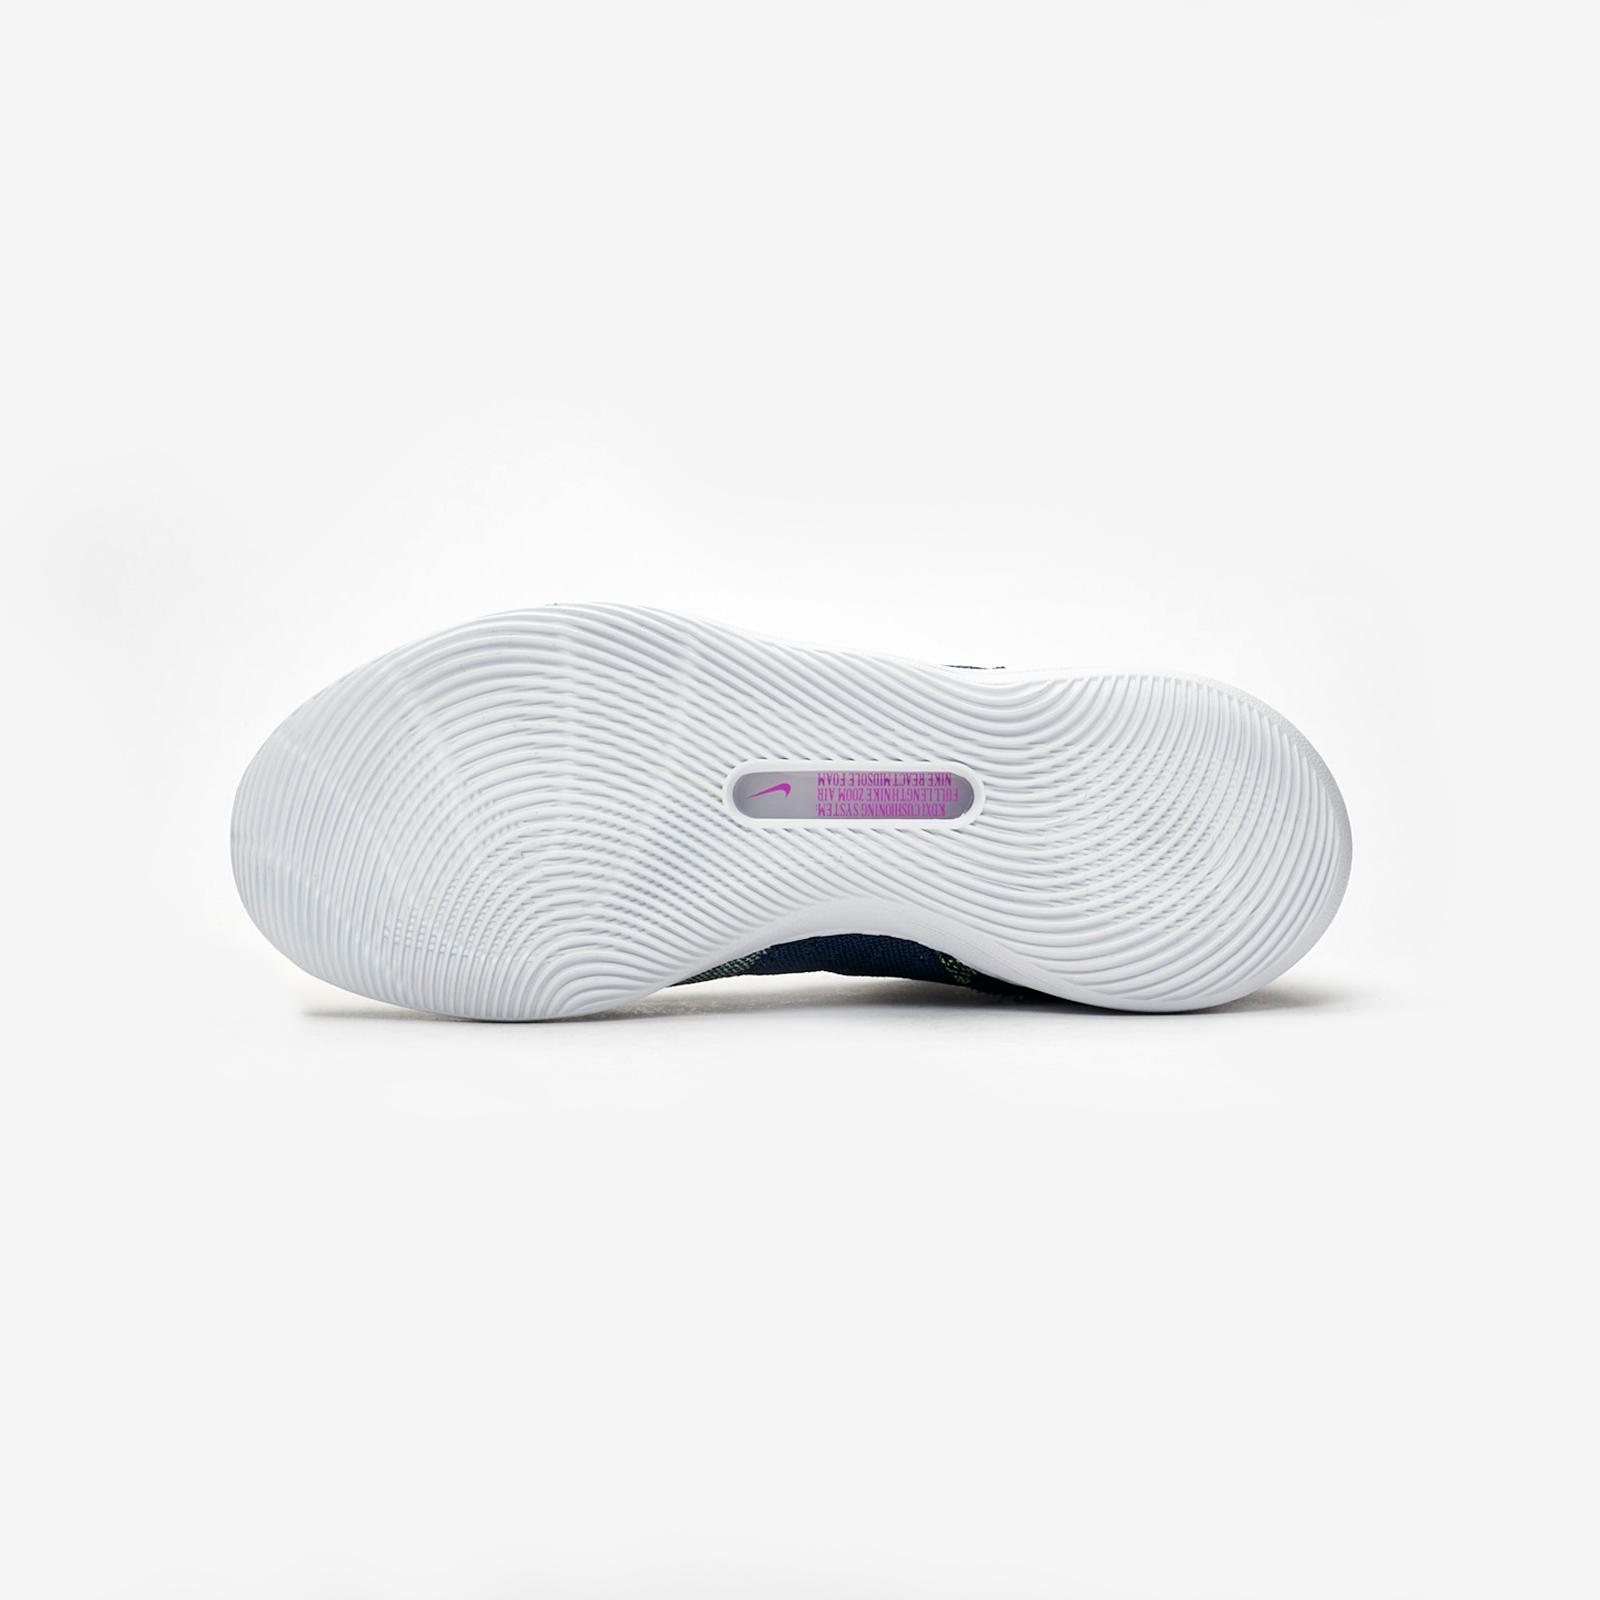 ca760e3574d3f Nike Zoom KD11 BHM - Bq6245-400 - Sneakersnstuff   sneakers & streetwear  online since 1999